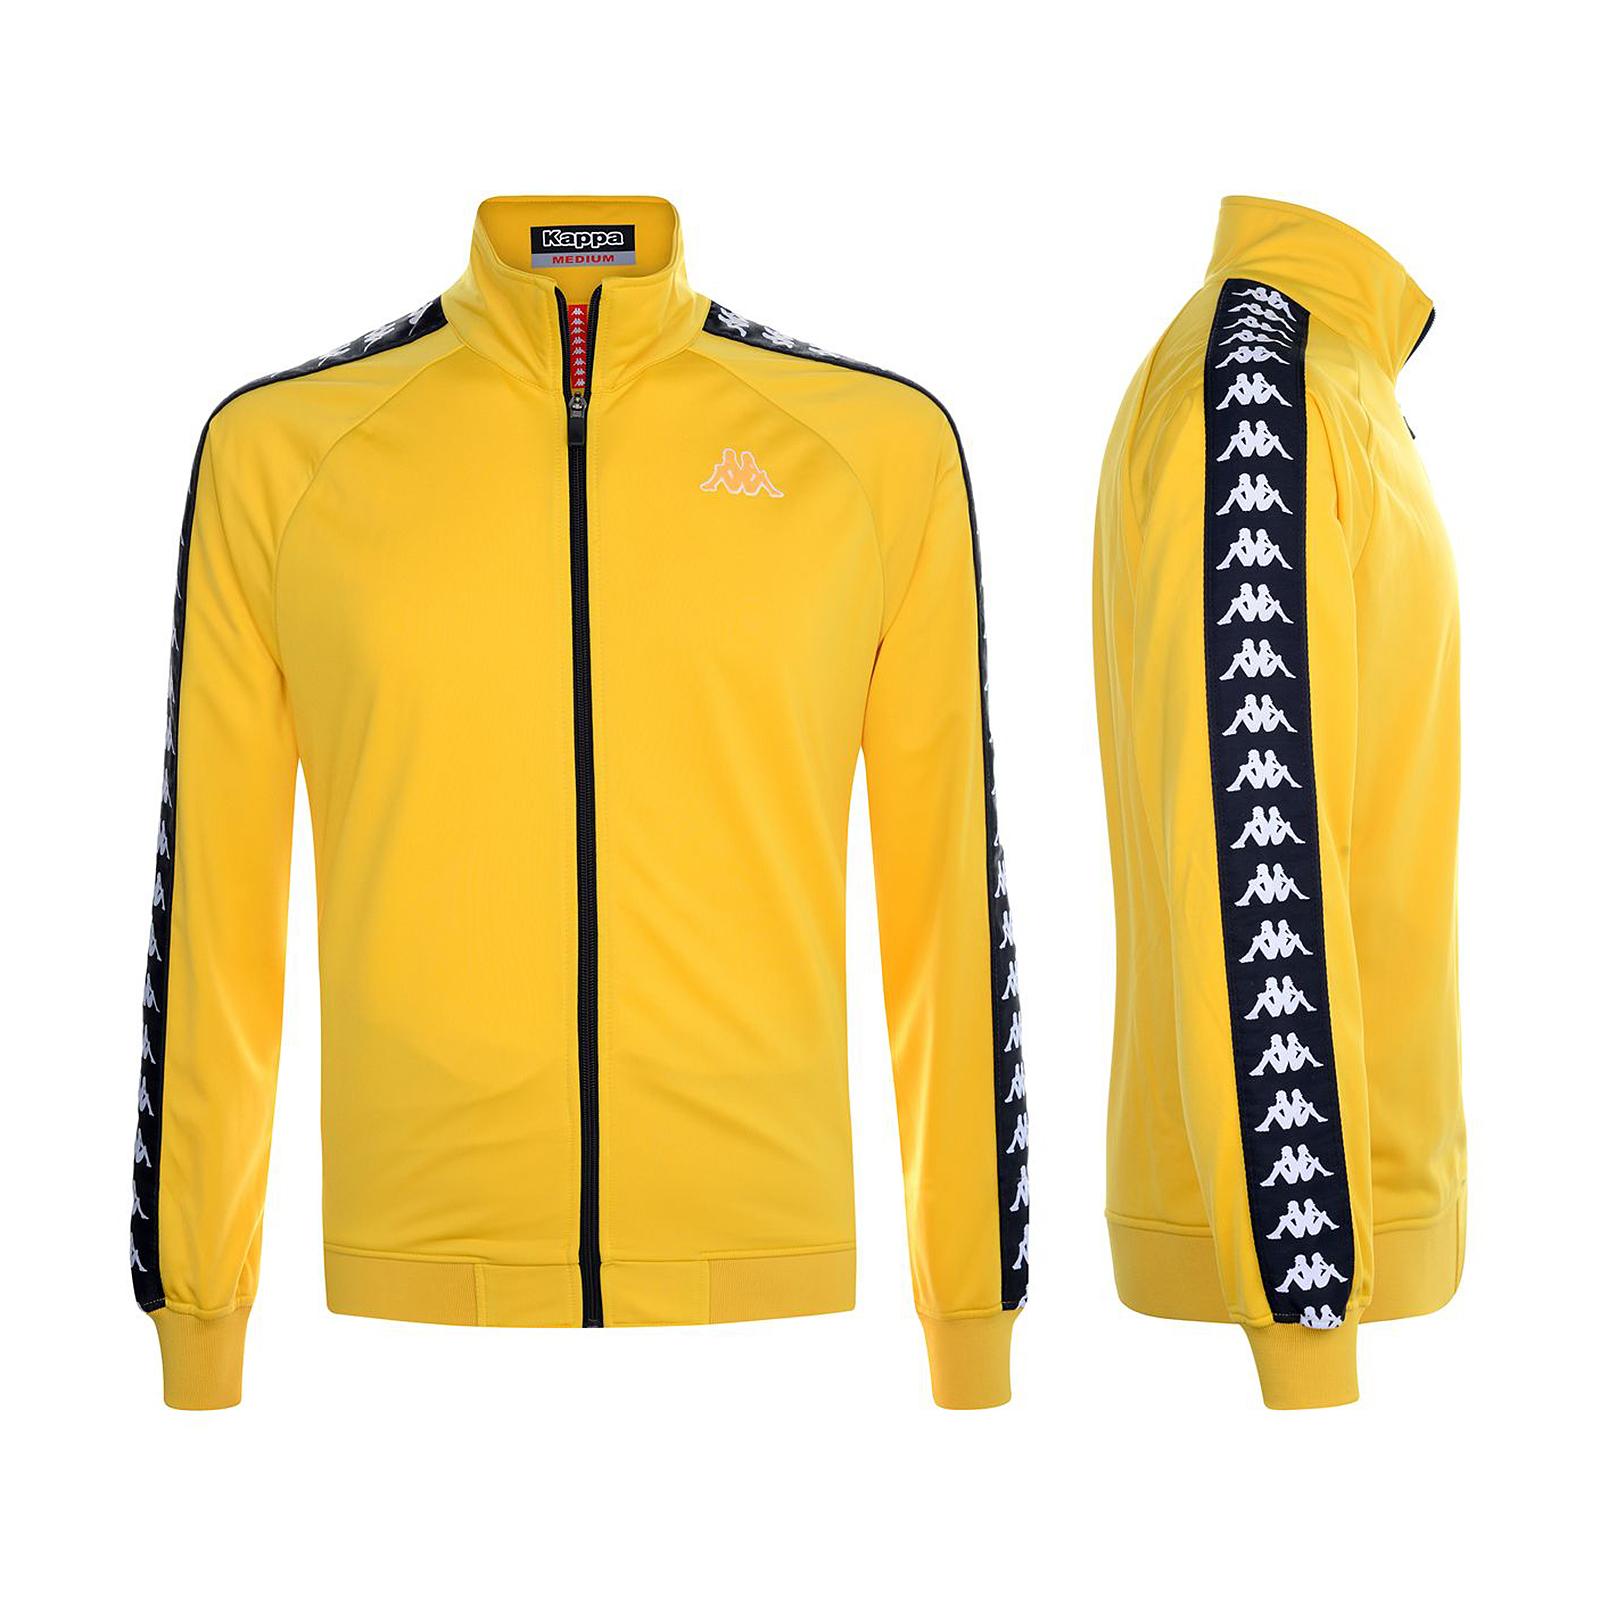 Comment Faire Du Jaune Moutarde détails sur kappa 222 bande anniston slim jaune moutarde-noir jaune jaune